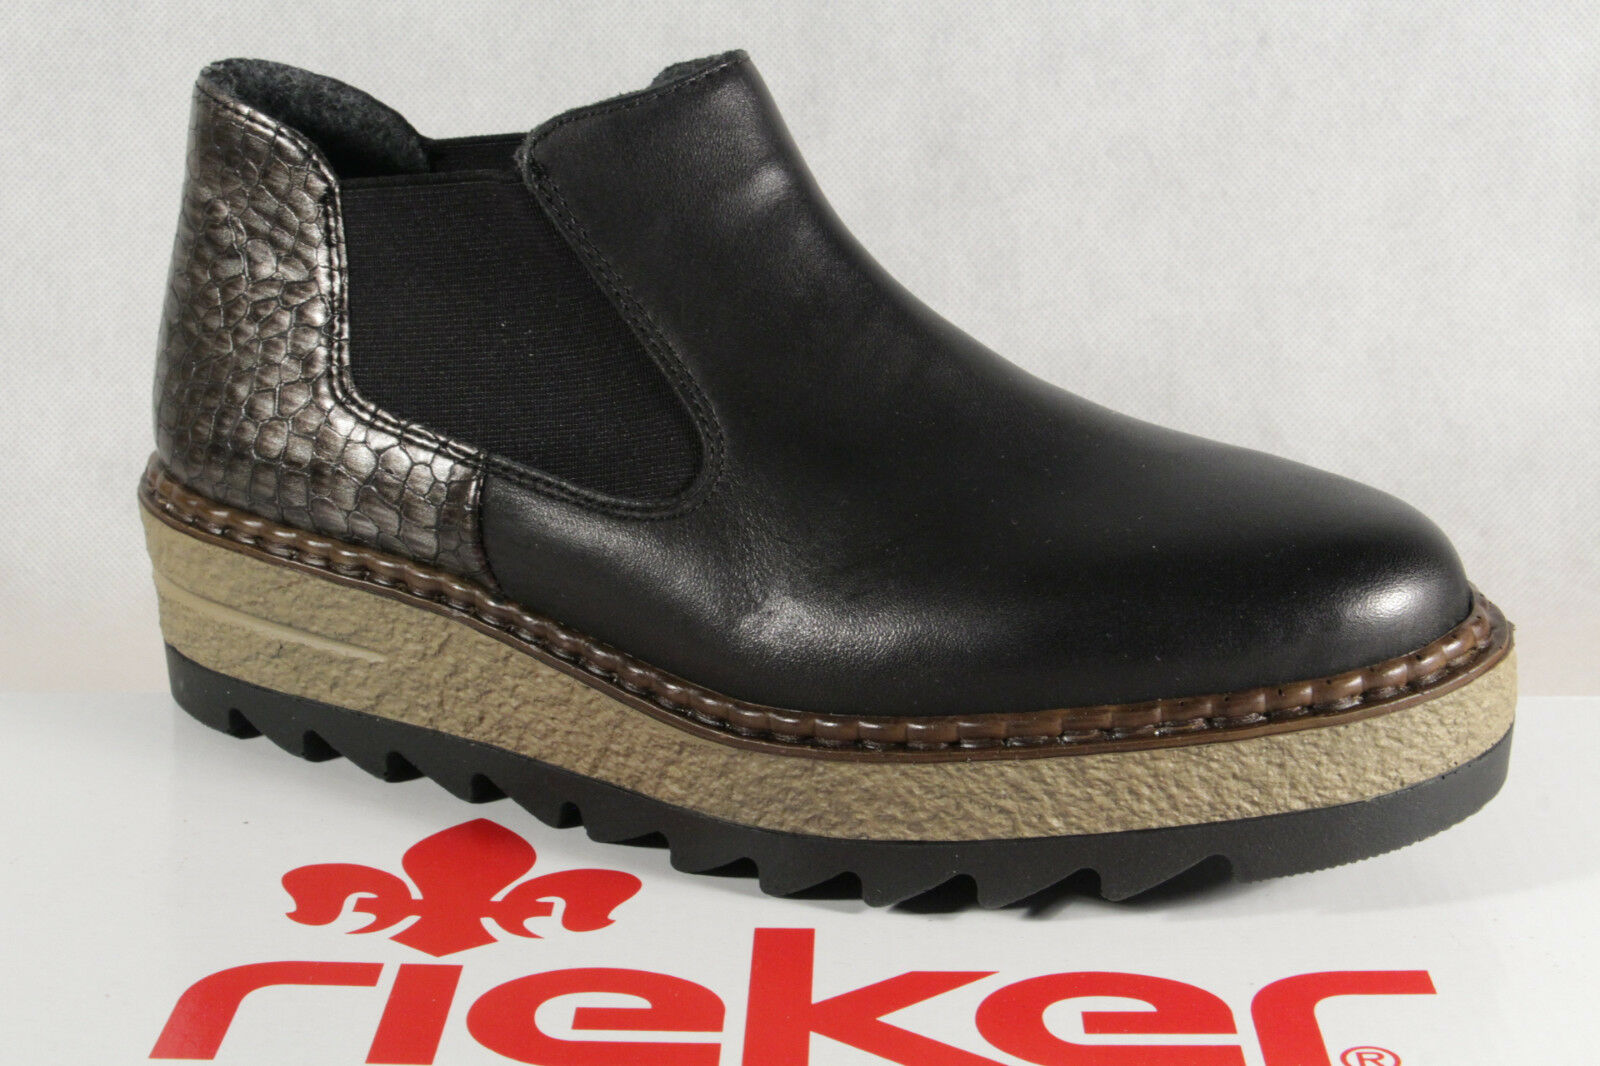 Rieker Stiefelette, Stiefel, Stiefel, Schlupfstiefelette, schwarz, 55890 NEU